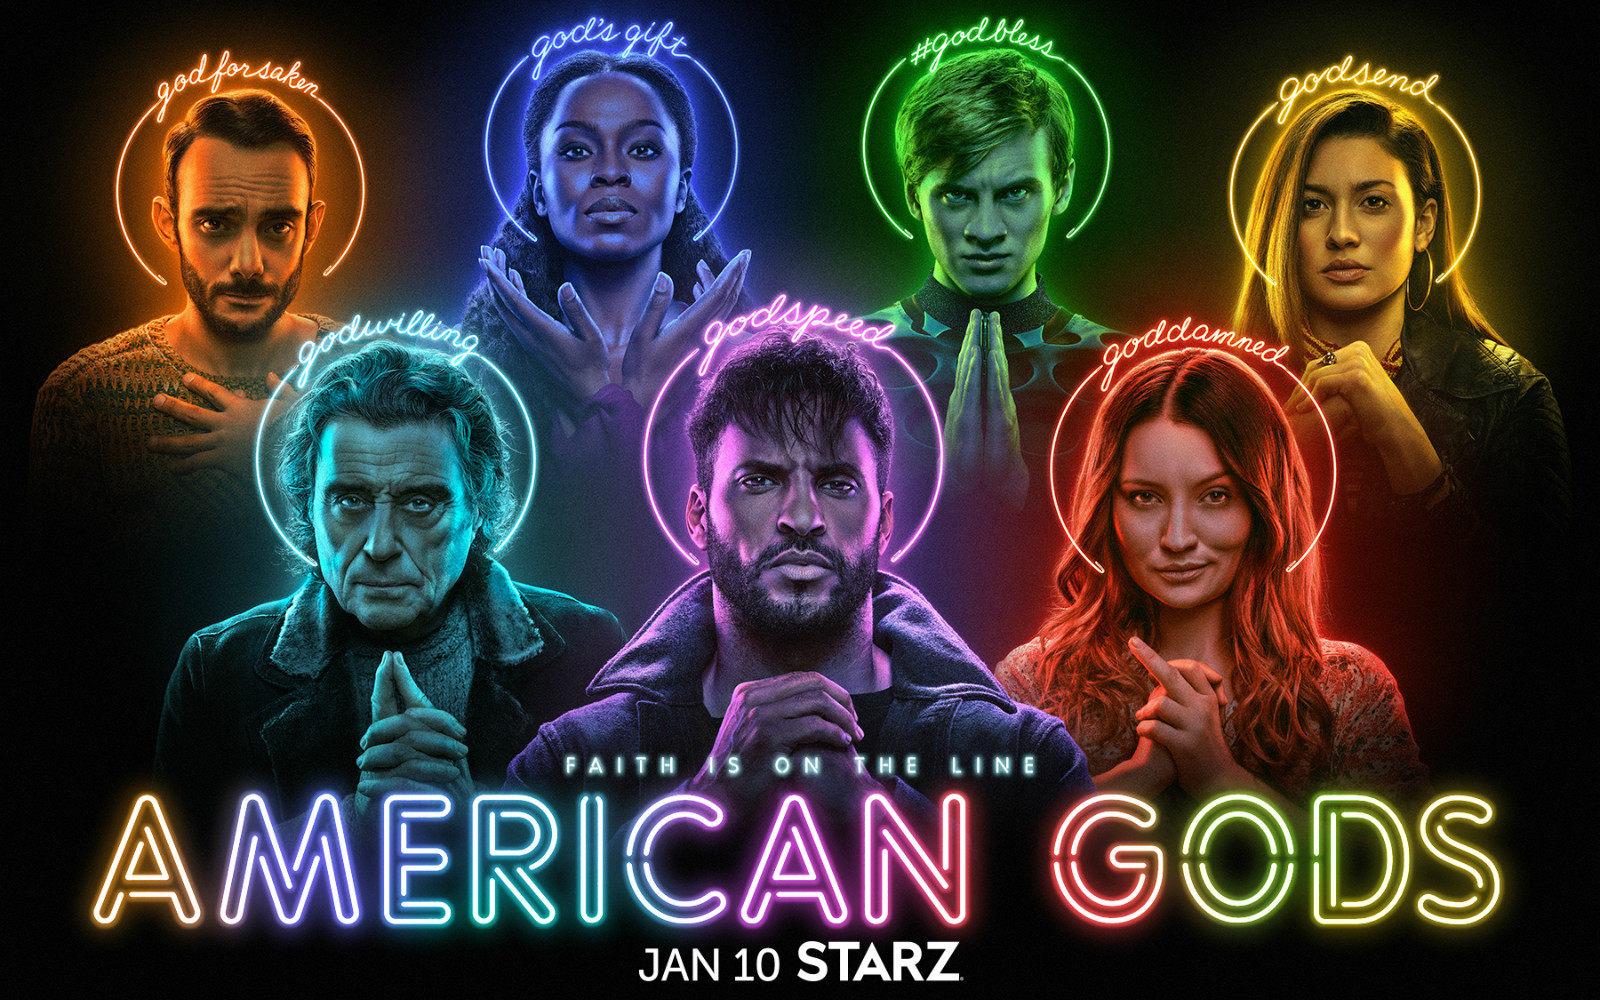 《美国众神》第三季发布预告,将于明年1月10日播出